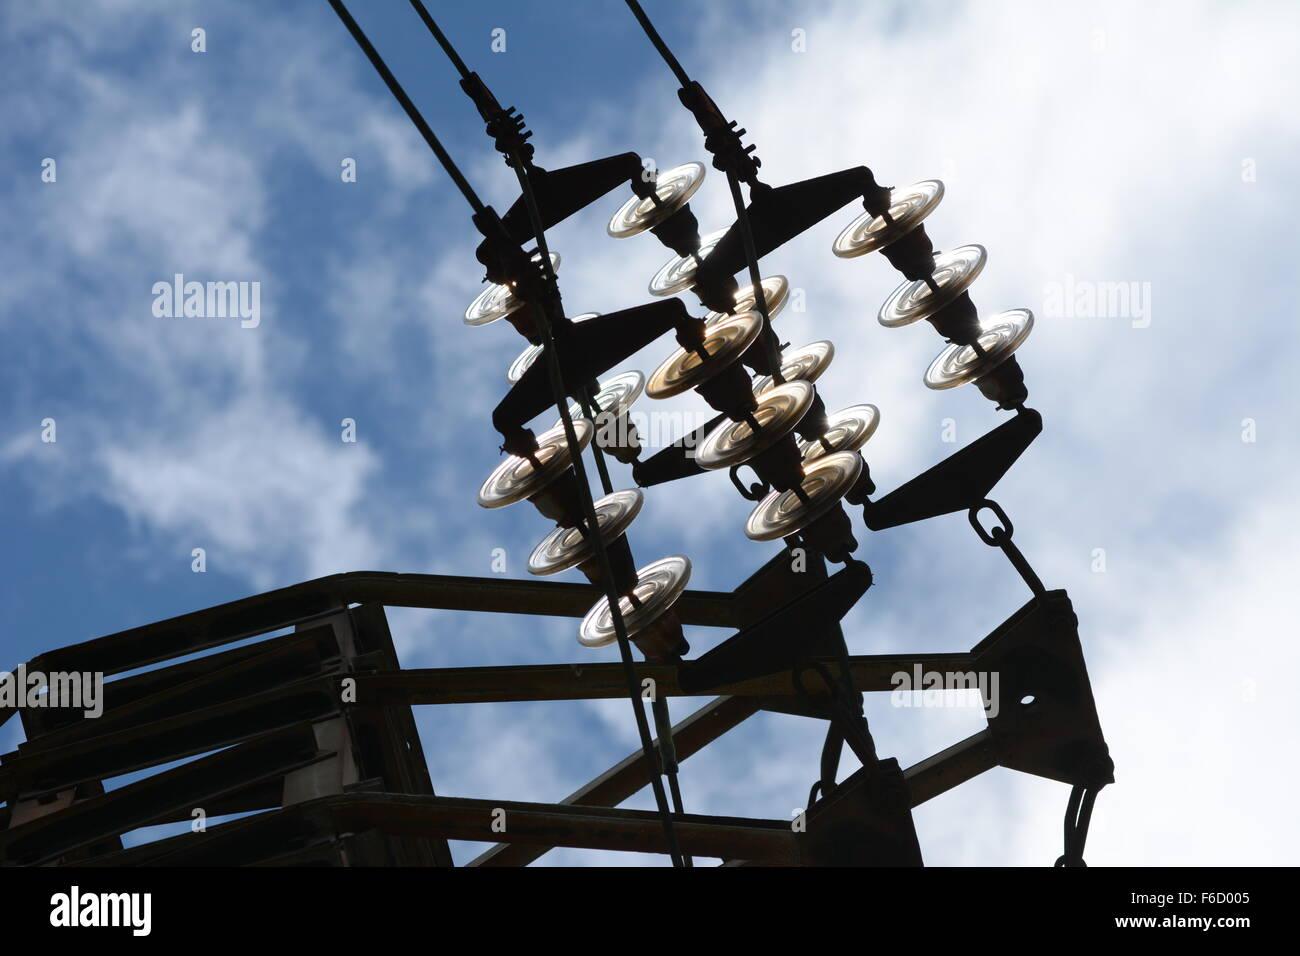 Les connecteurs de câble à haute tension et isolateurs de verre contre le ciel bleu avec des nuages Photo Stock